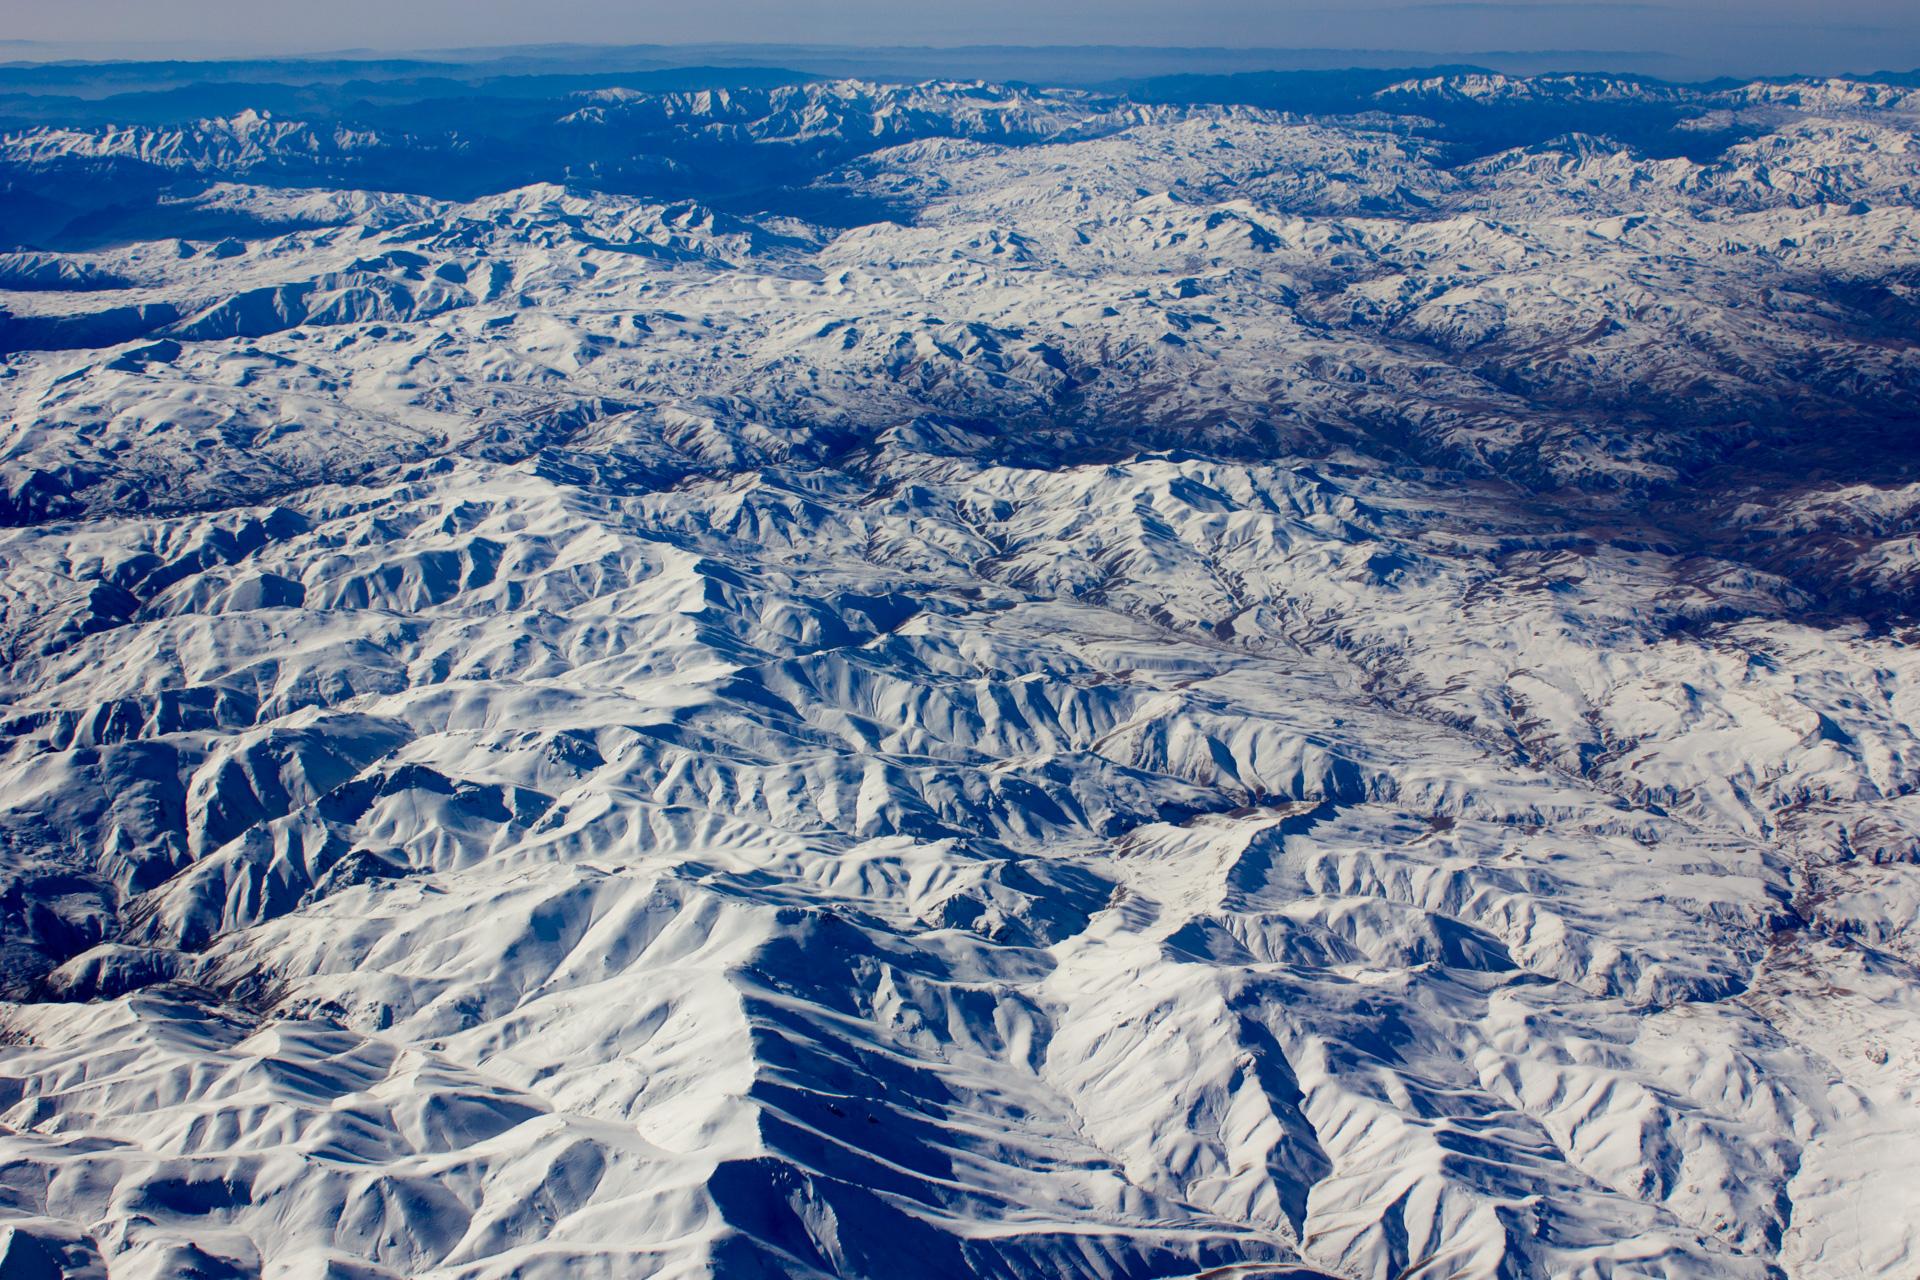 Zagros Mountains